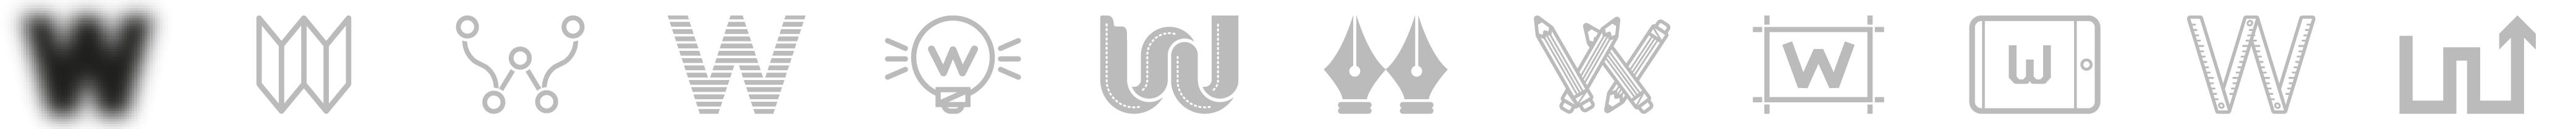 bagala-01-01